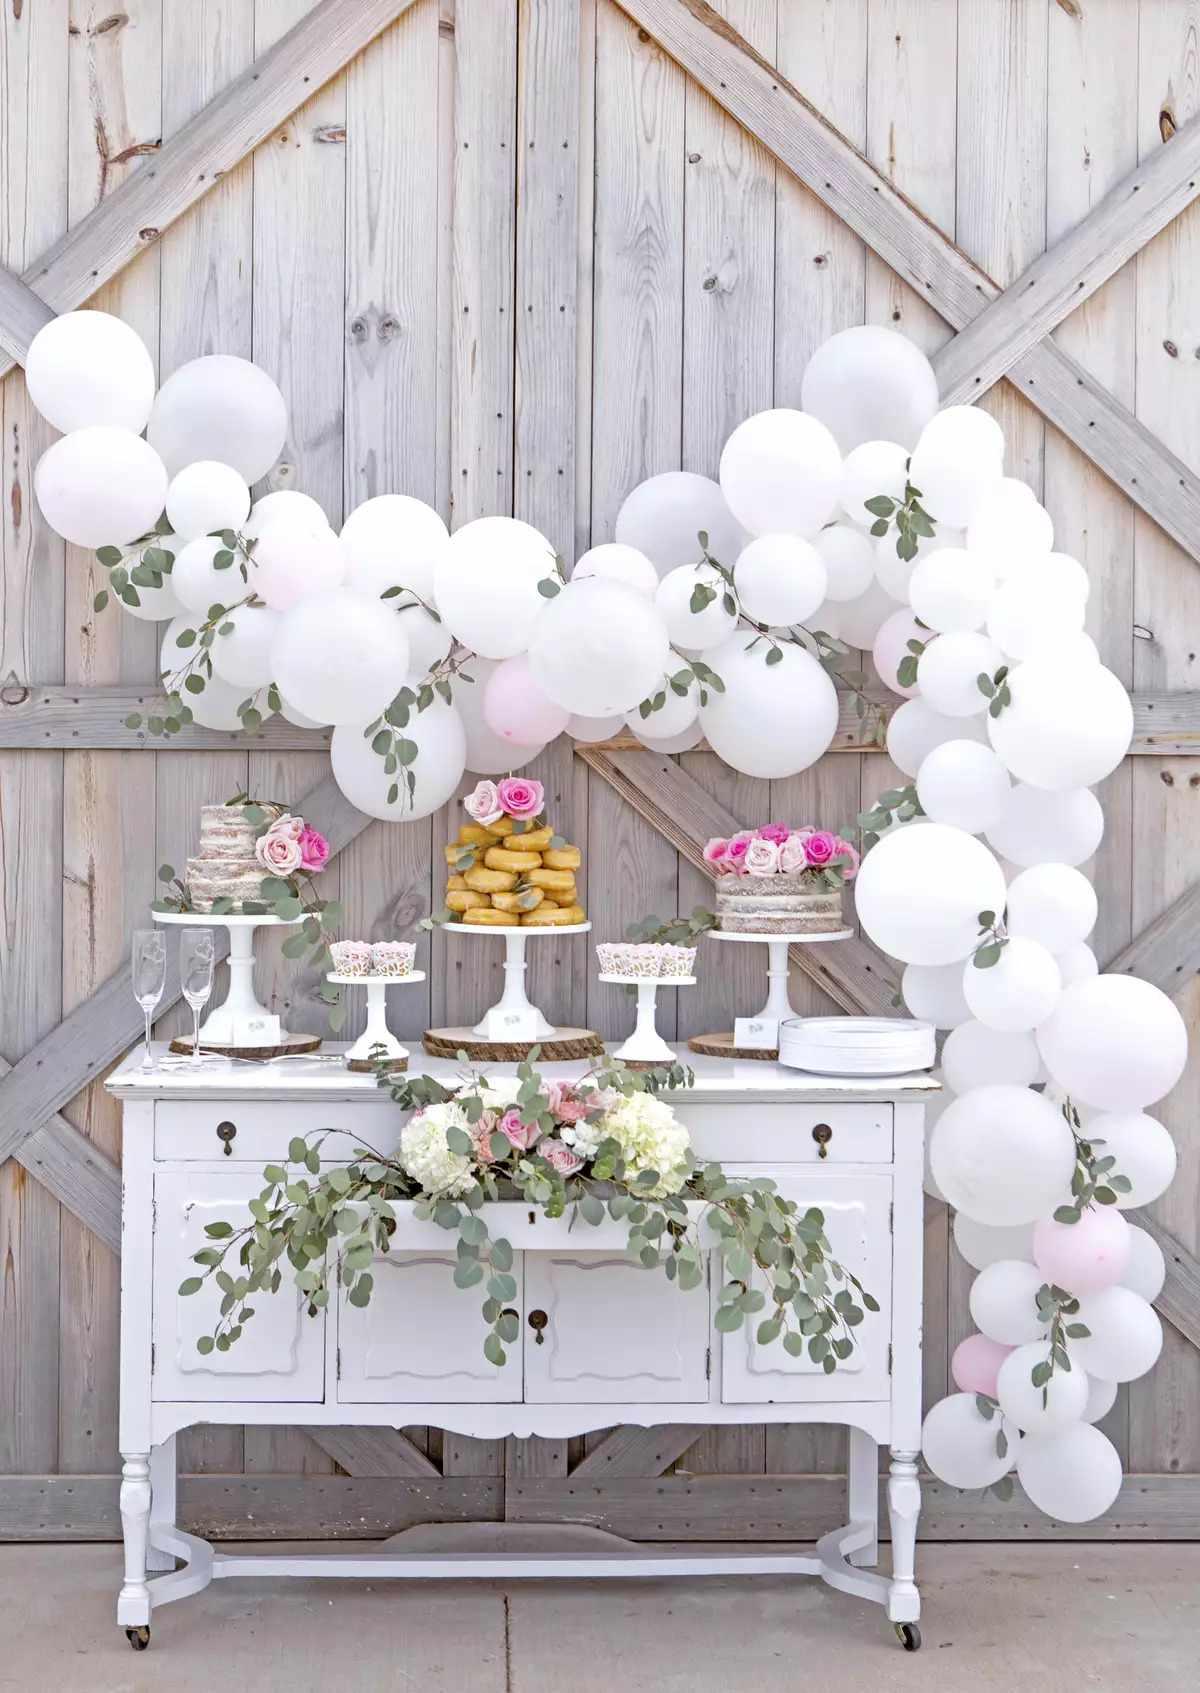 White balloons over the dessert table